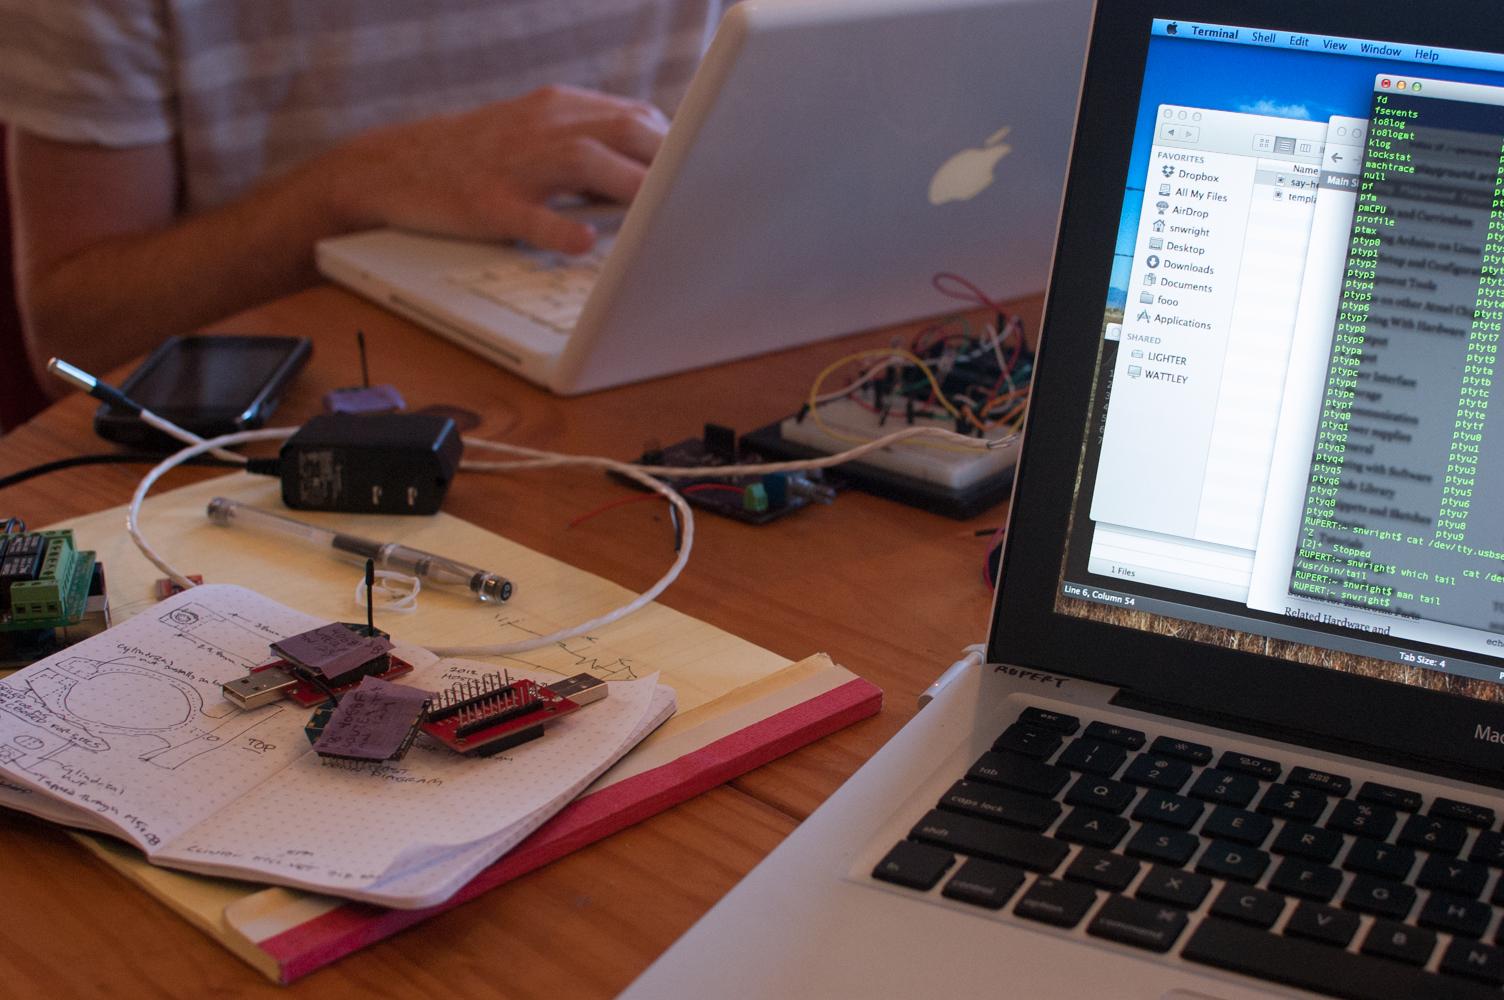 hackday-5.jpg